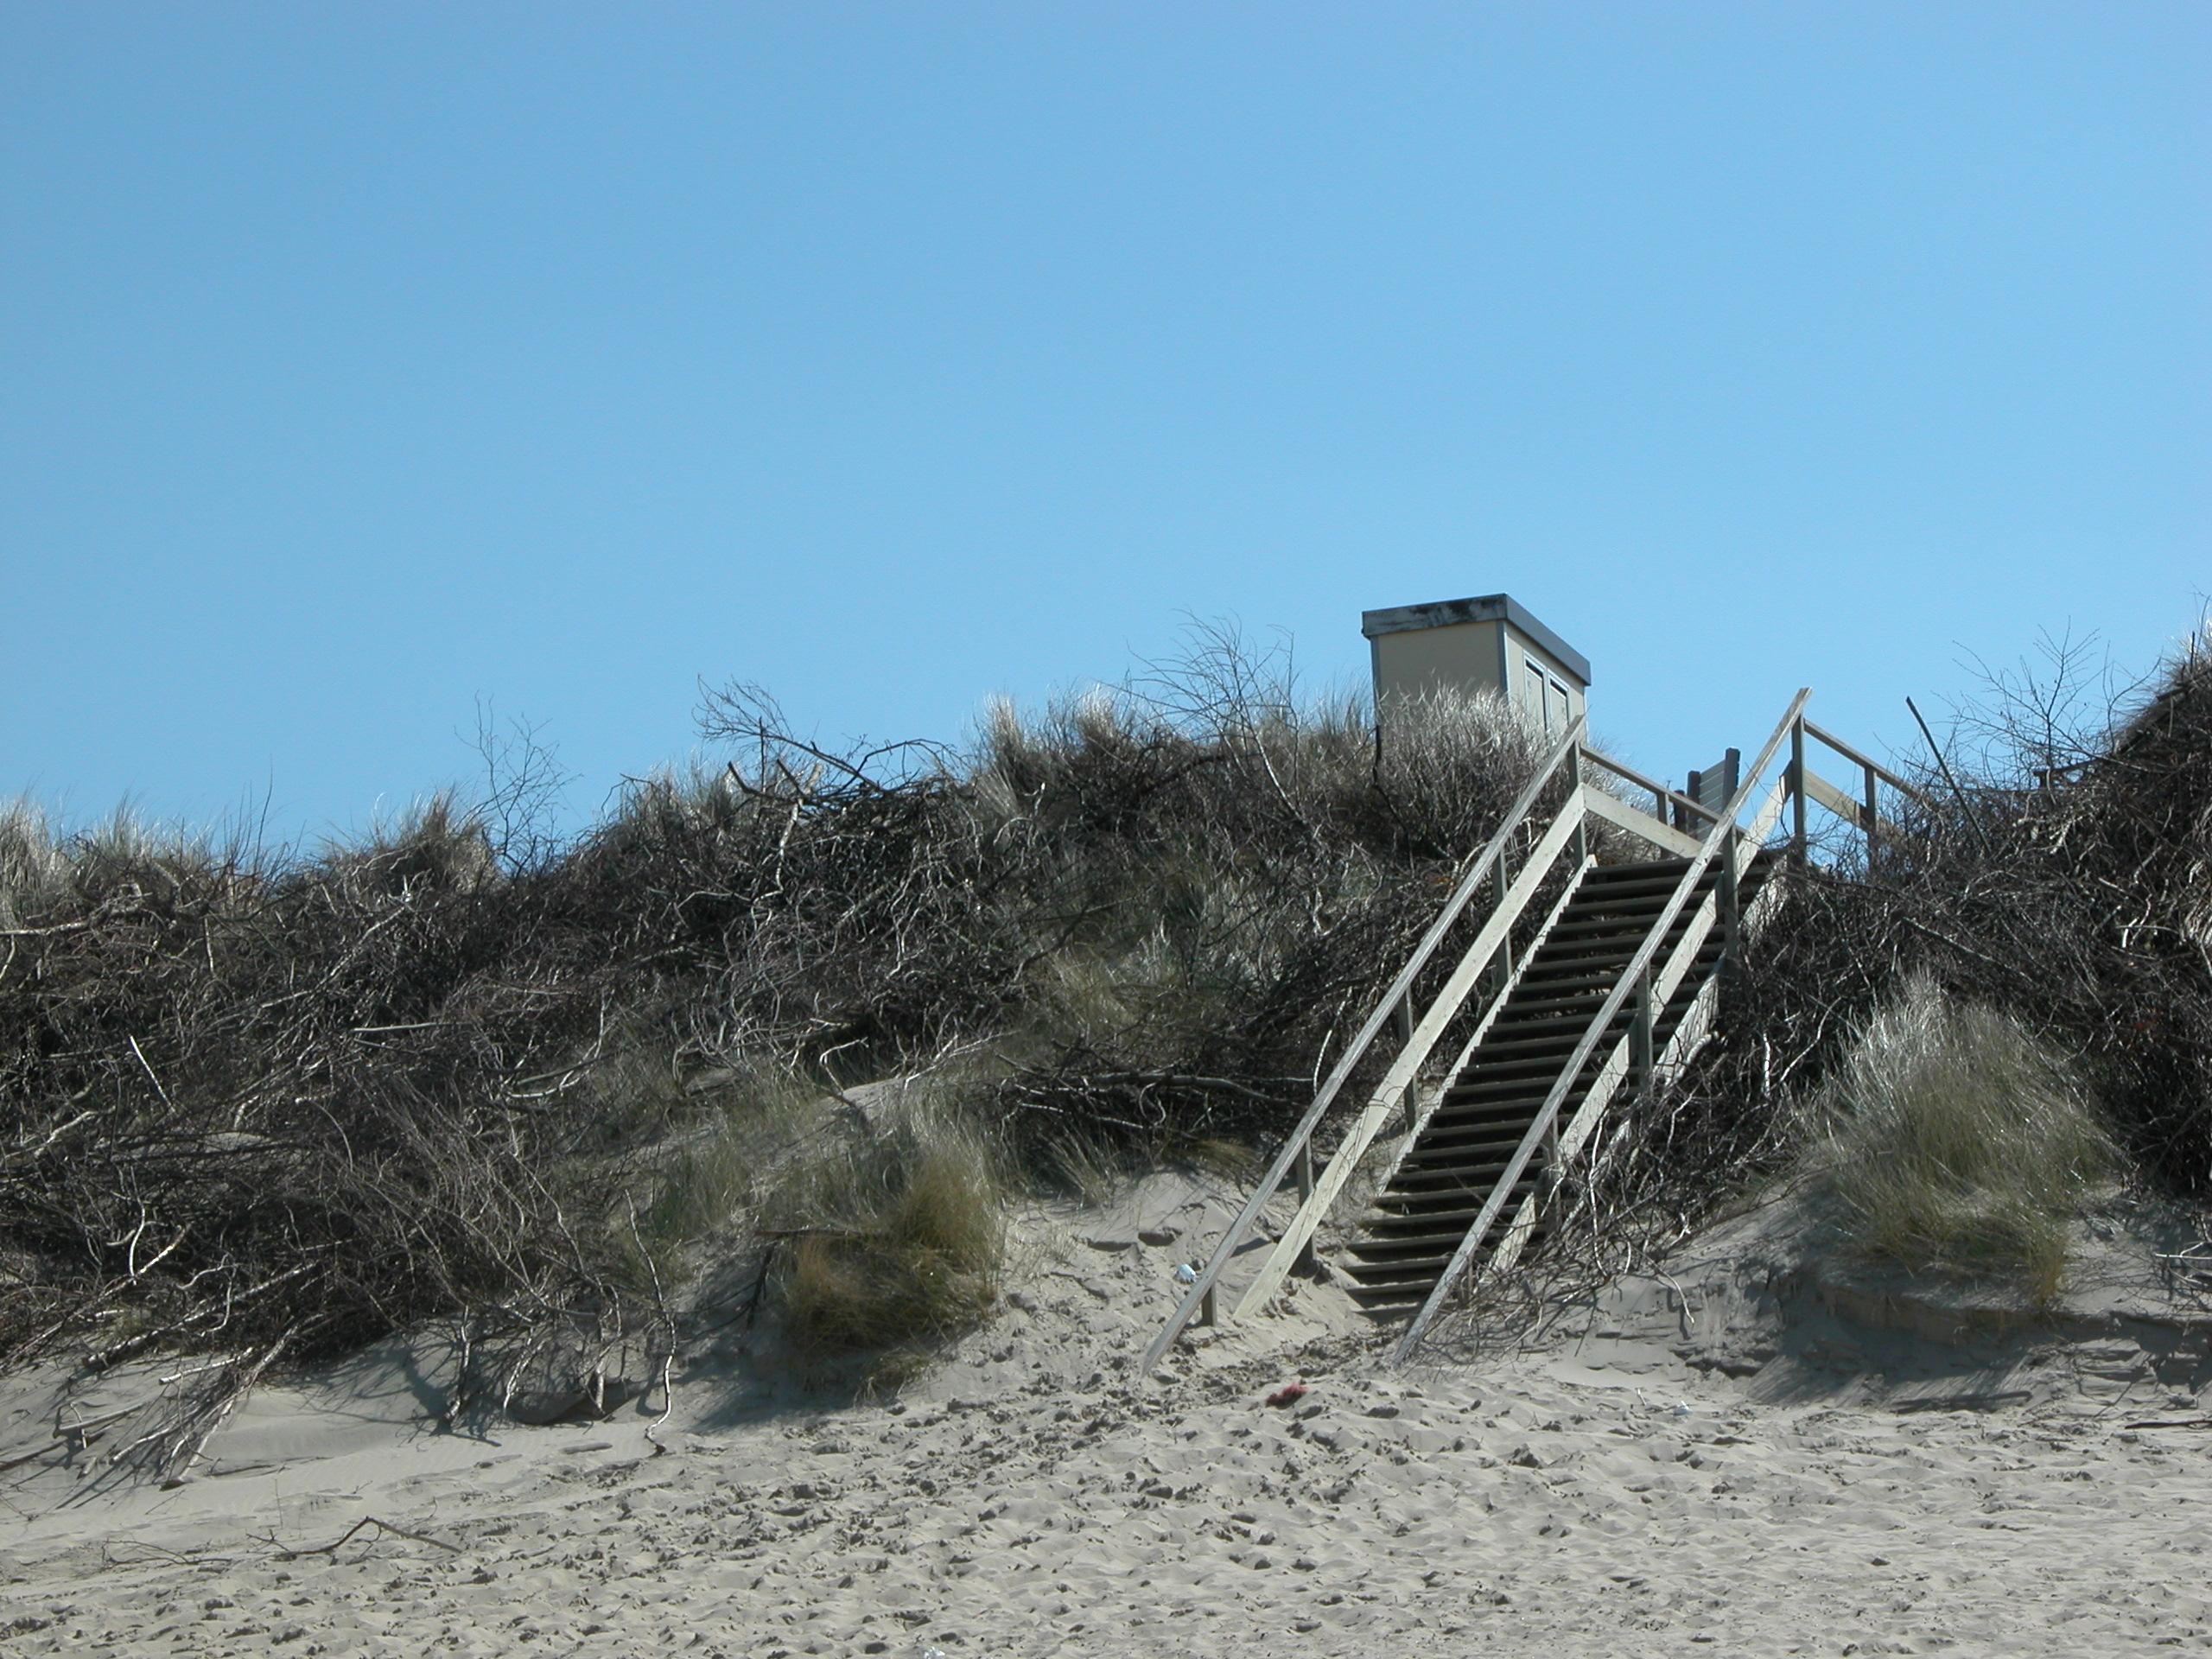 dune dunes stairs stairway beach walkway path helmgrass